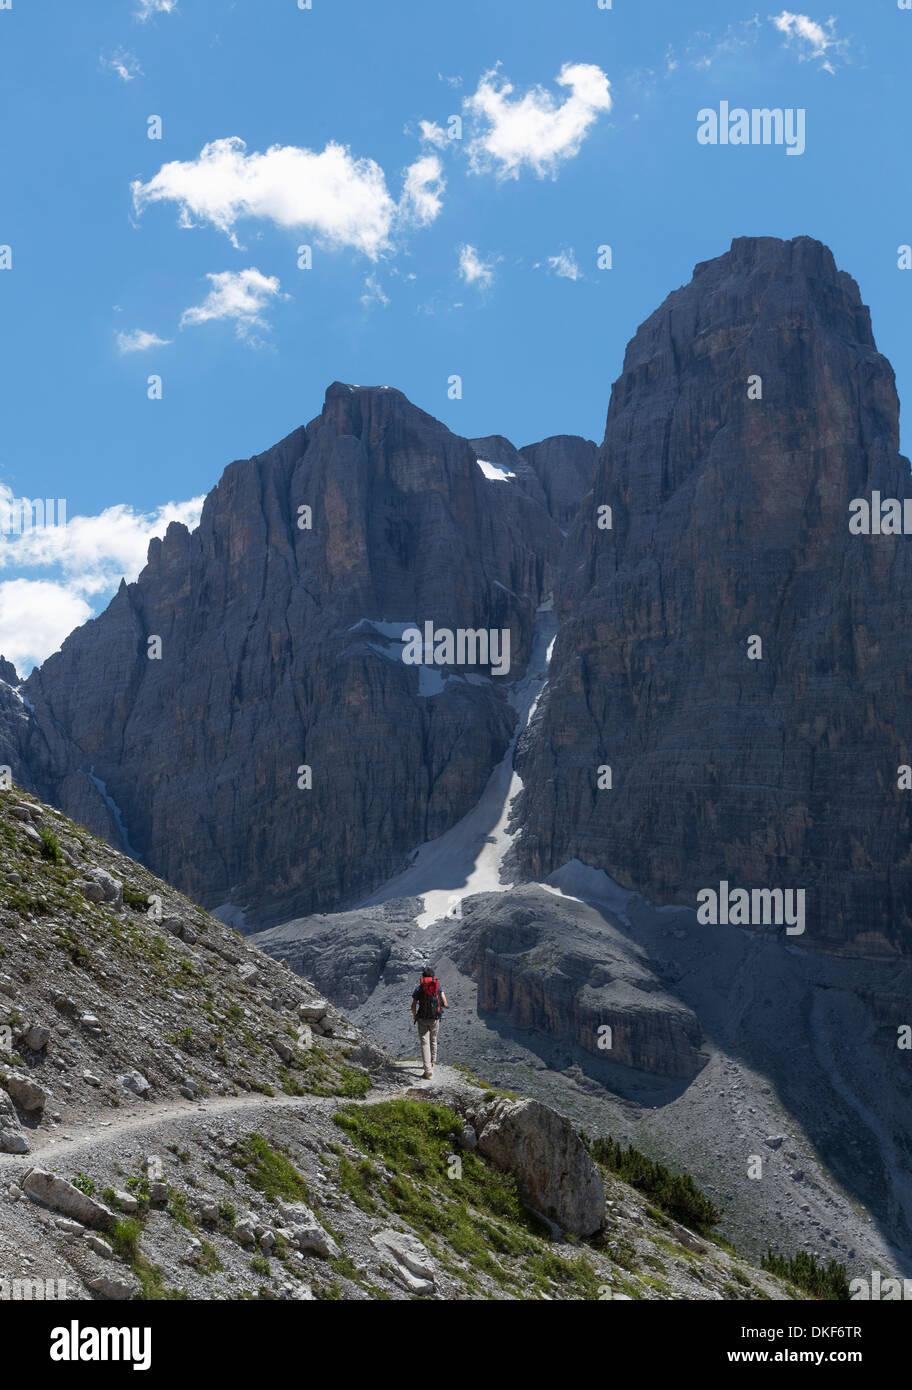 Scalatore avvicinando picco roccioso, Dolomiti di Brenta, Italia Immagini Stock